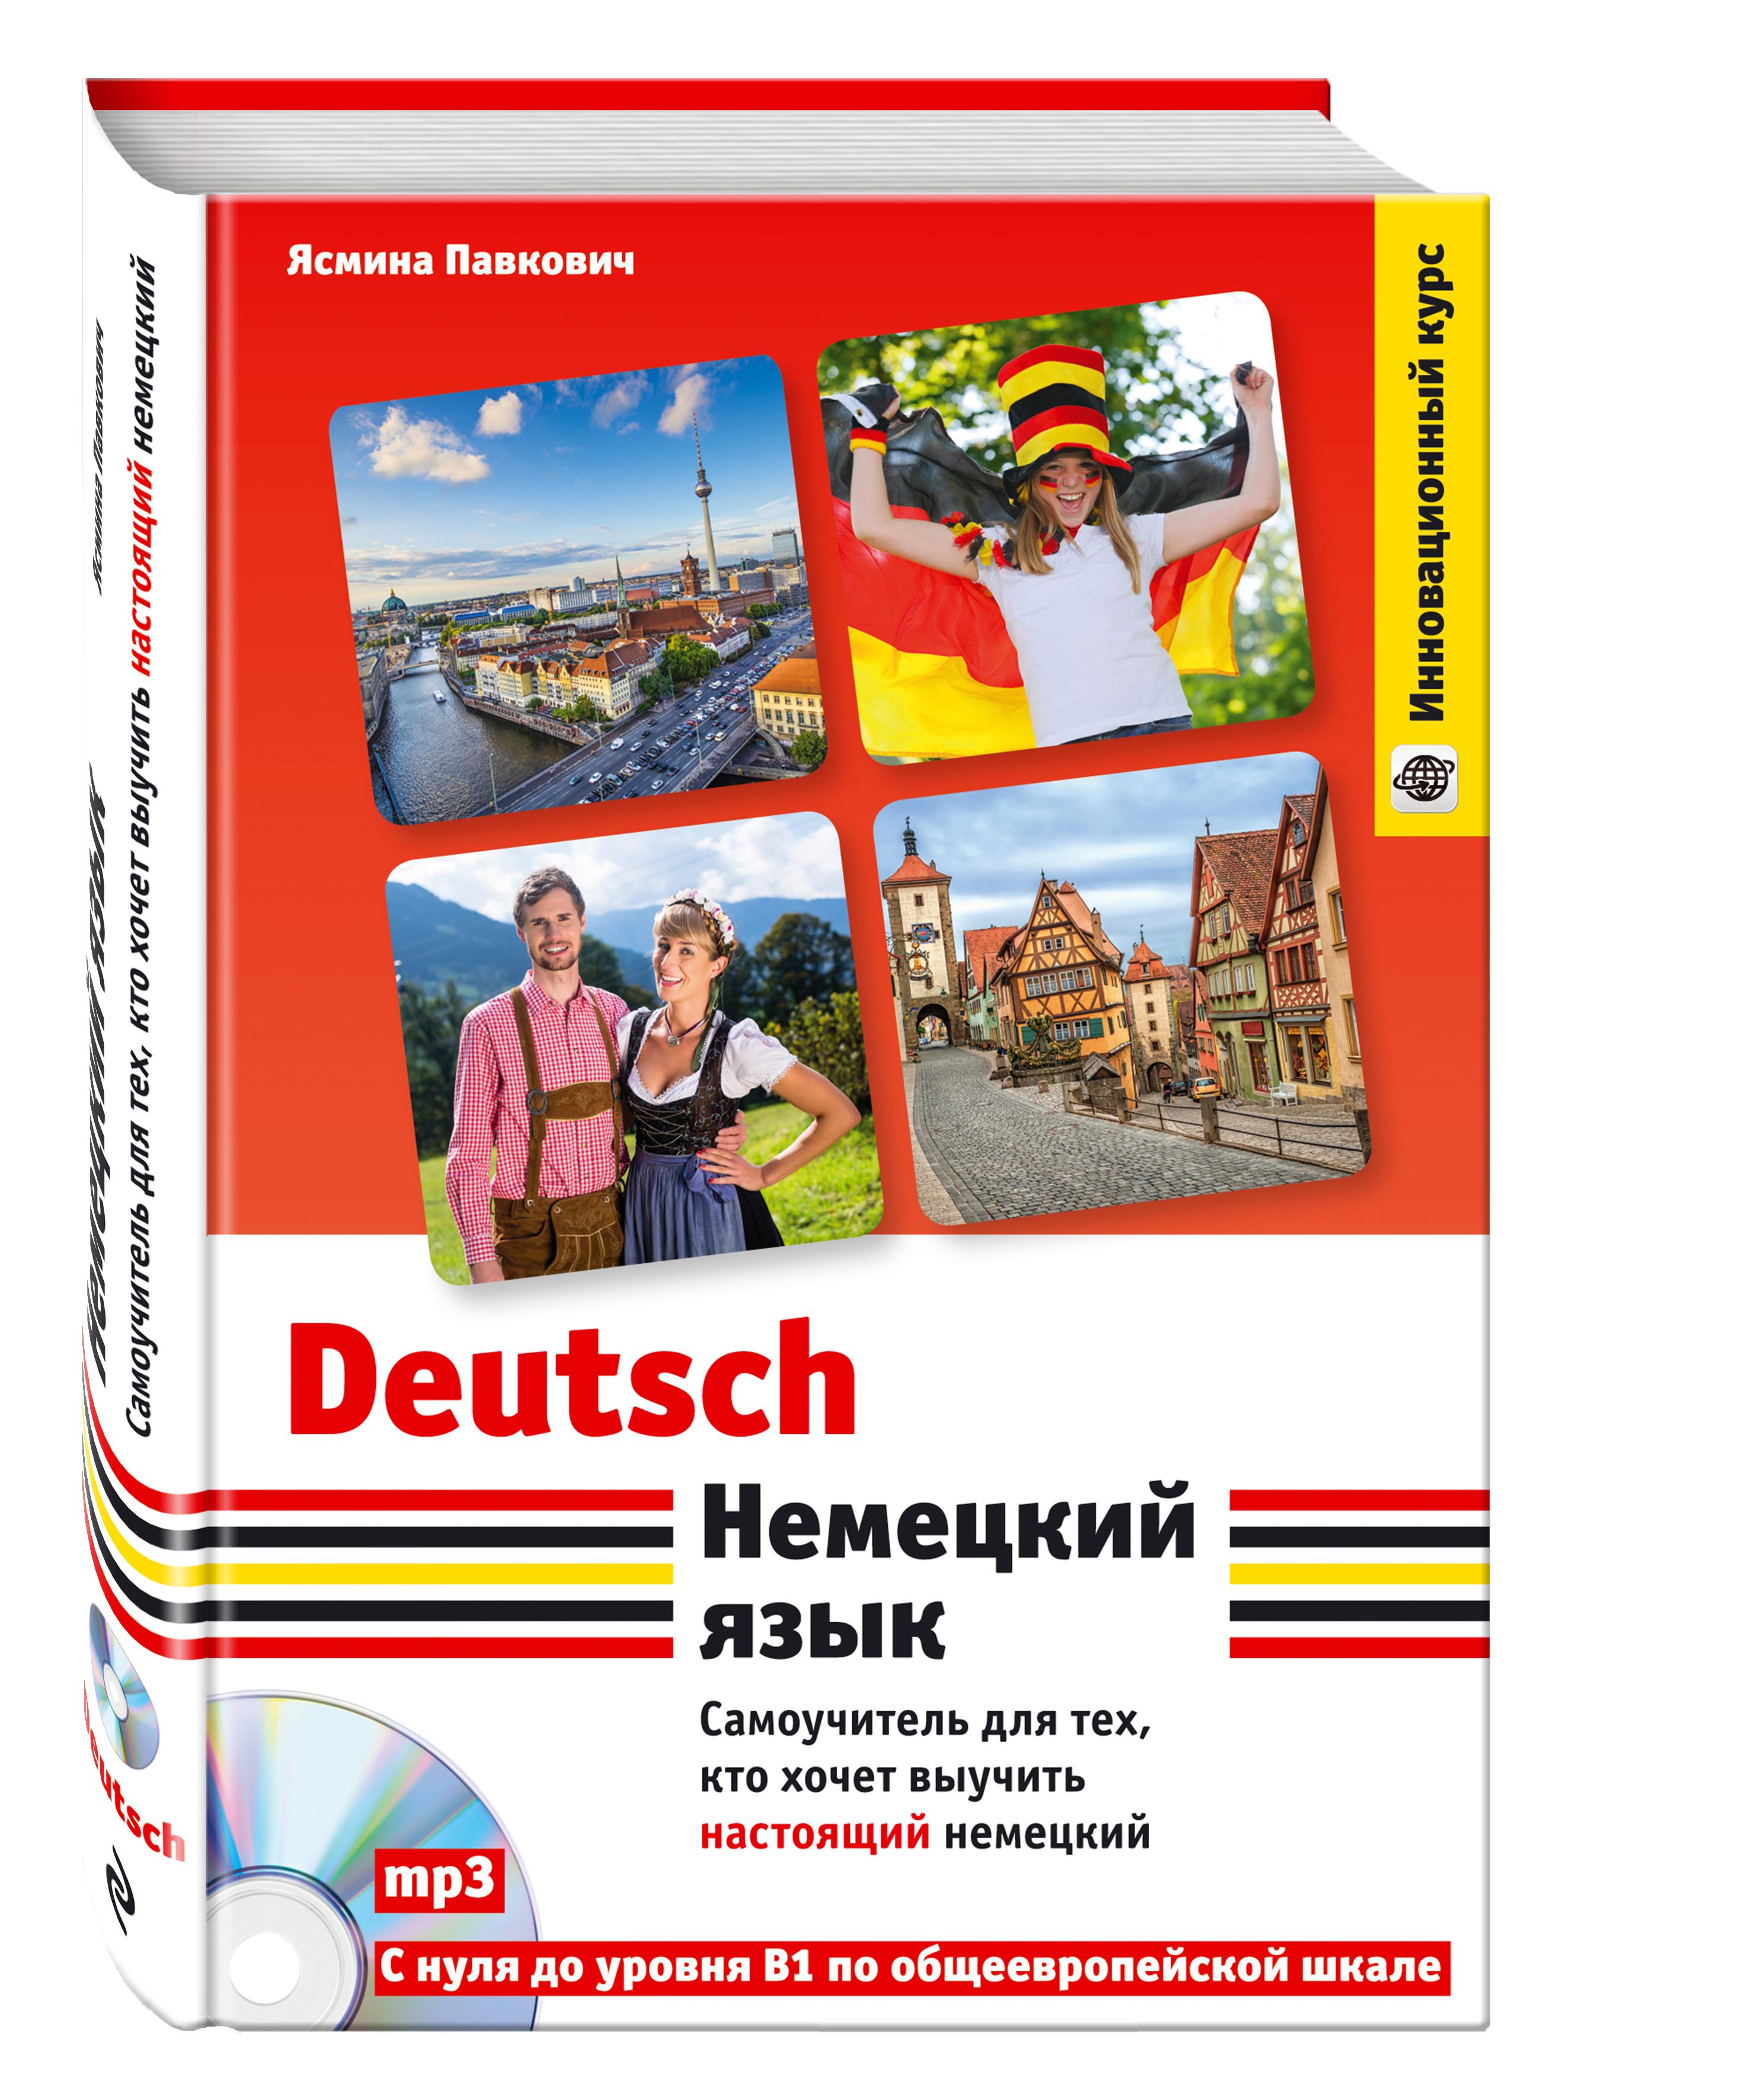 Павкович Я. Немецкий язык. Самоучитель для тех, кто хочет выучить настоящий немецкий (+CD) немецкий язык для тех кто в пути разговорный курс средний уровень